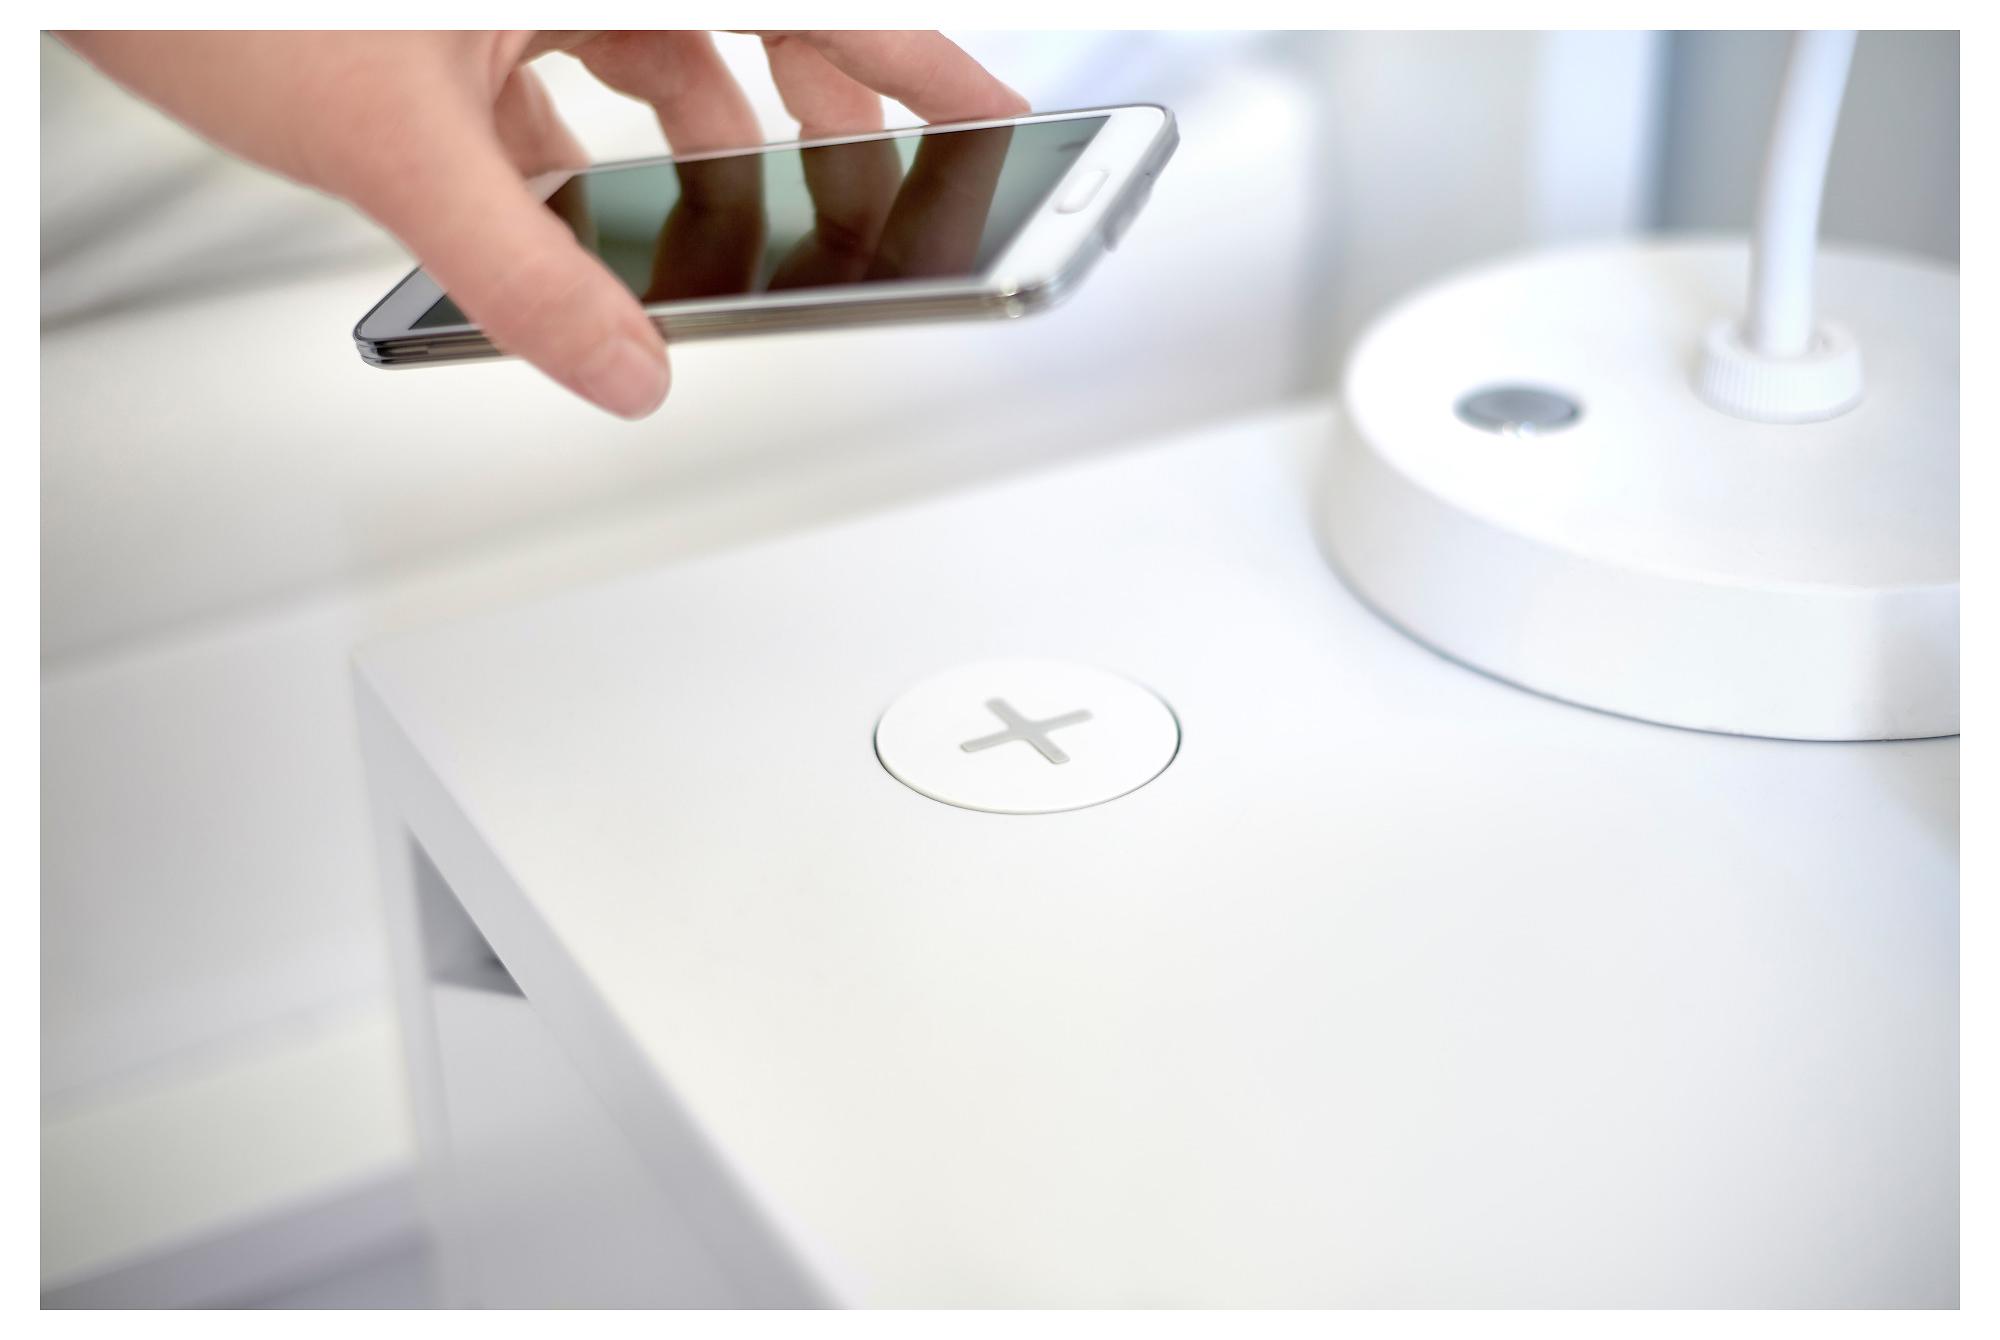 Ikea storsatsar på trådlös laddning bordslampor och möbler